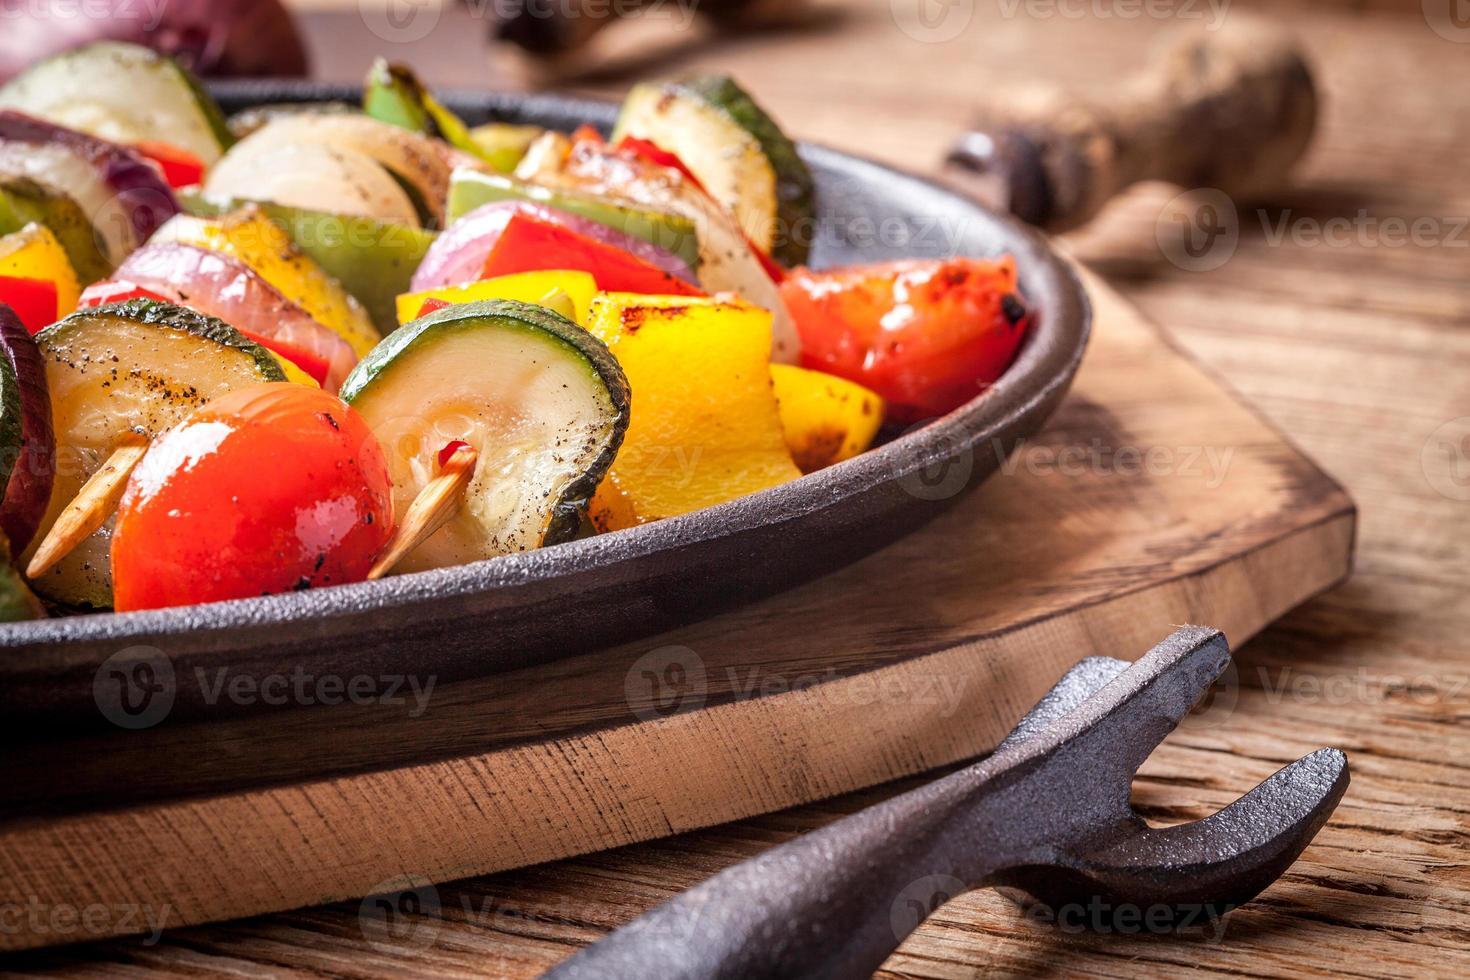 Vegetable skewers. photo